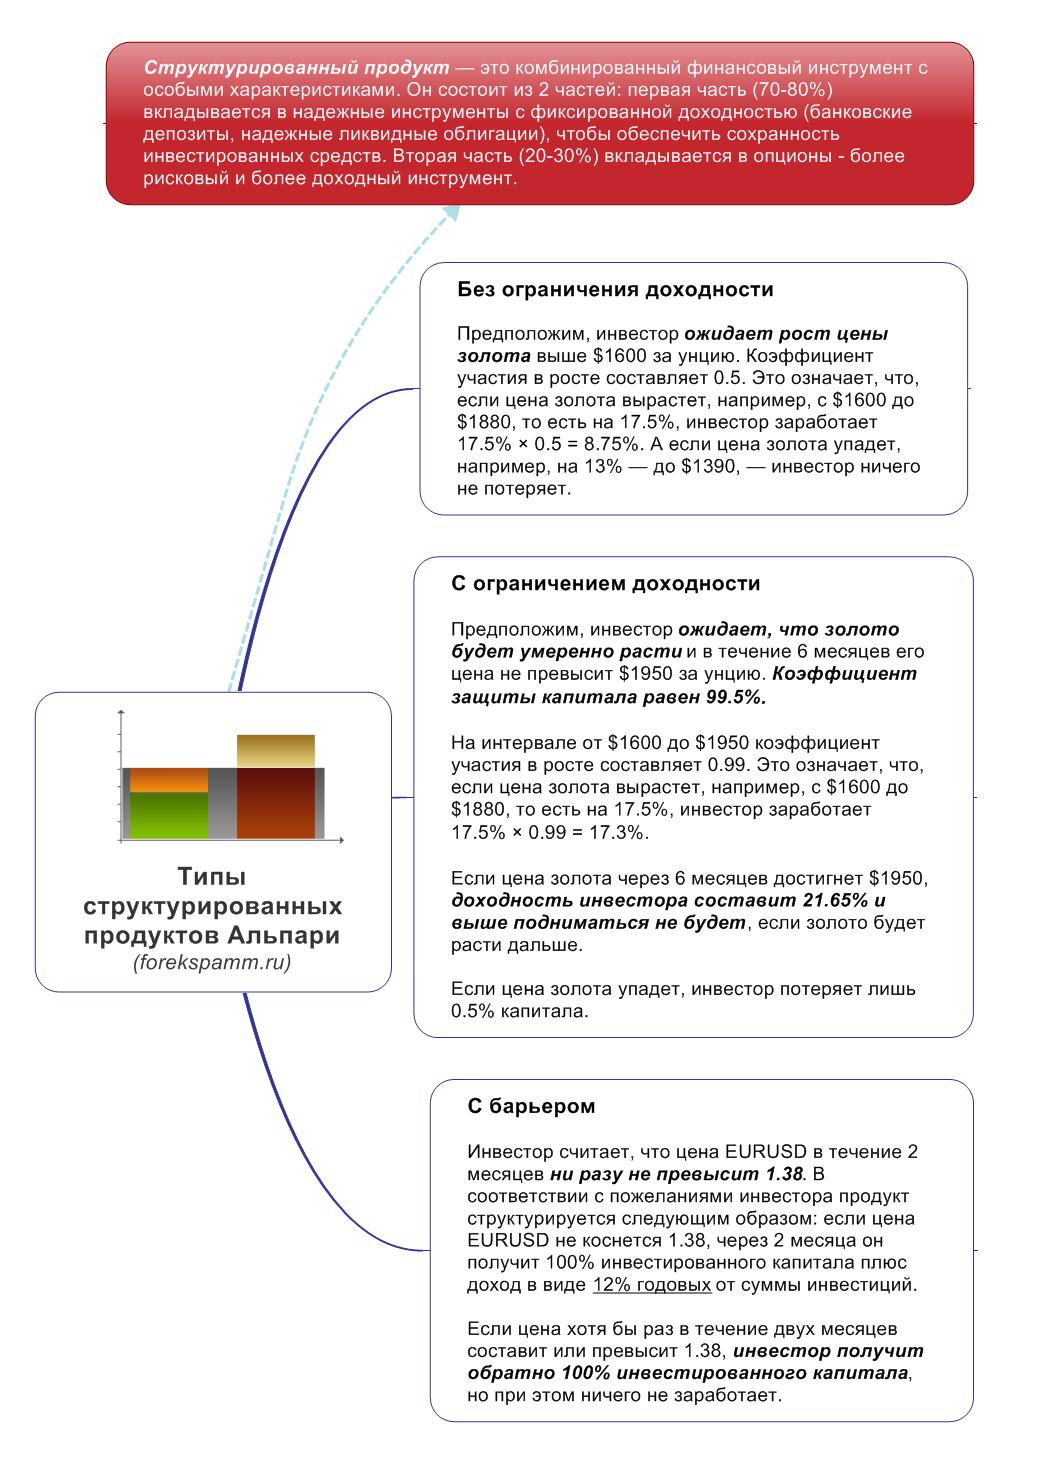 структурированный продукт альпари отзывы файлы